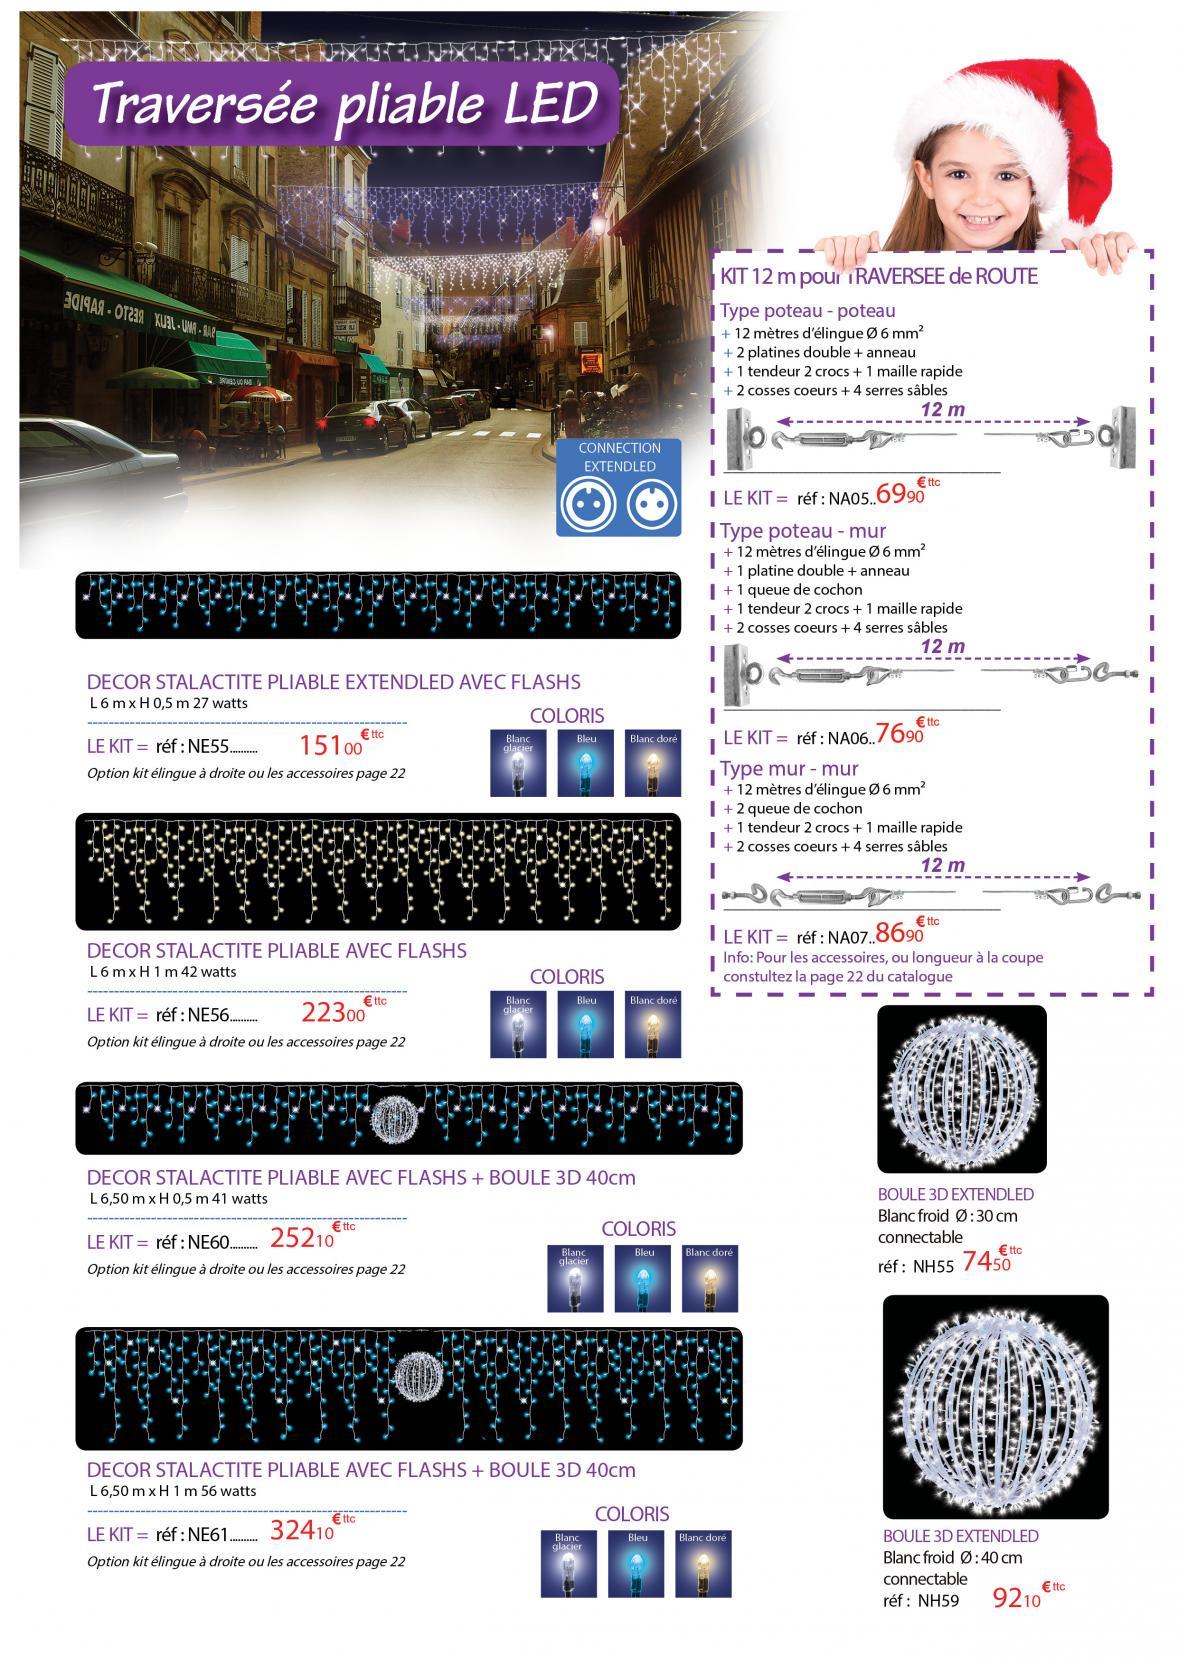 Traversées pliables LED